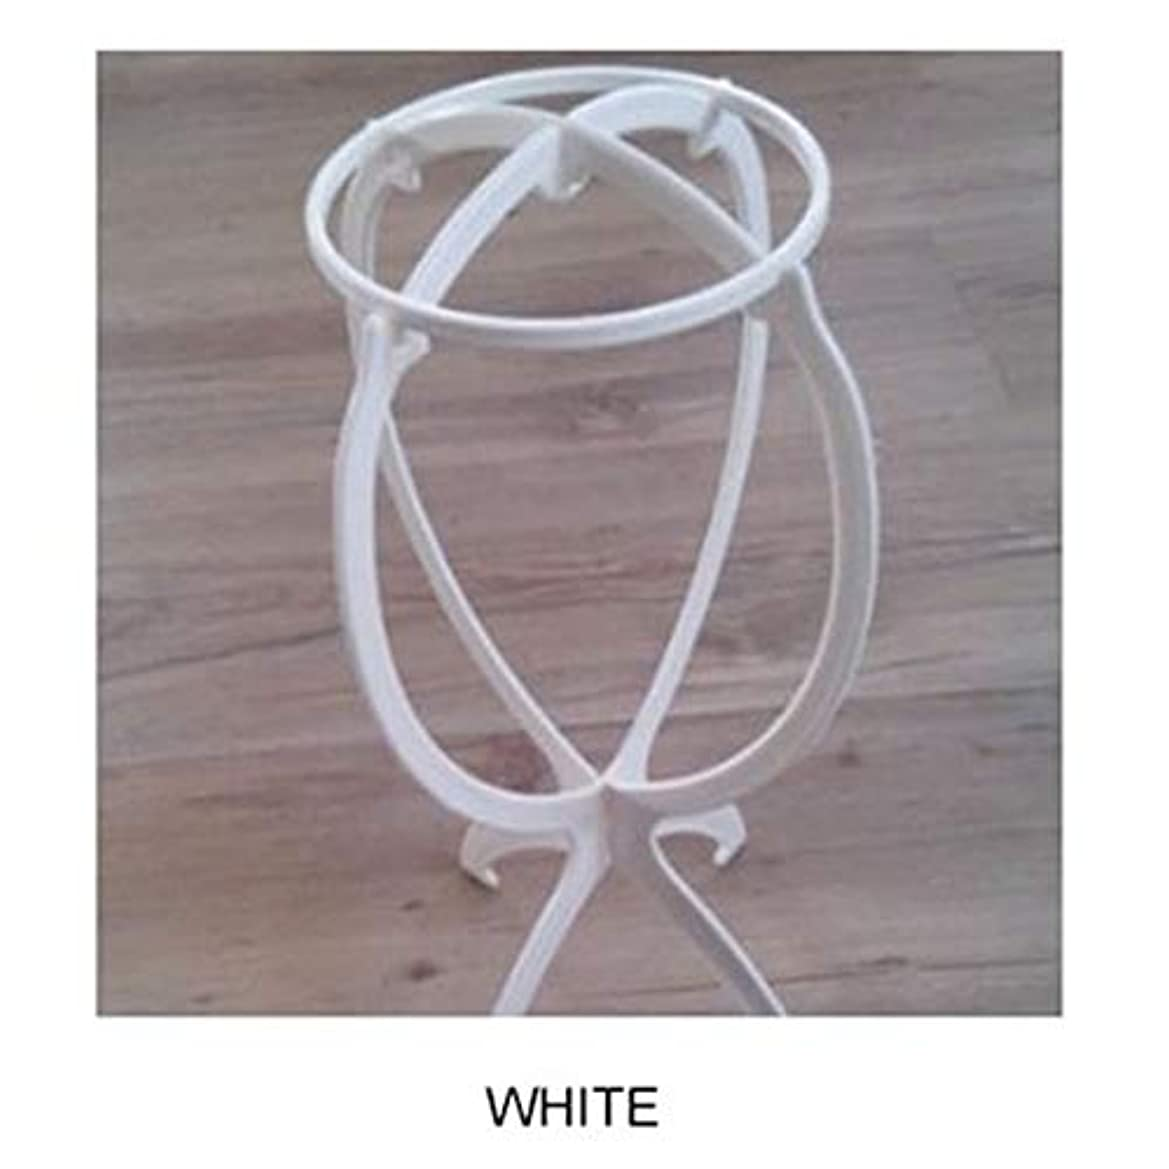 メンタル大砲手錠ACHICOO ウィッグ専用ブラケット カツラ収納 棚 ファッション 白